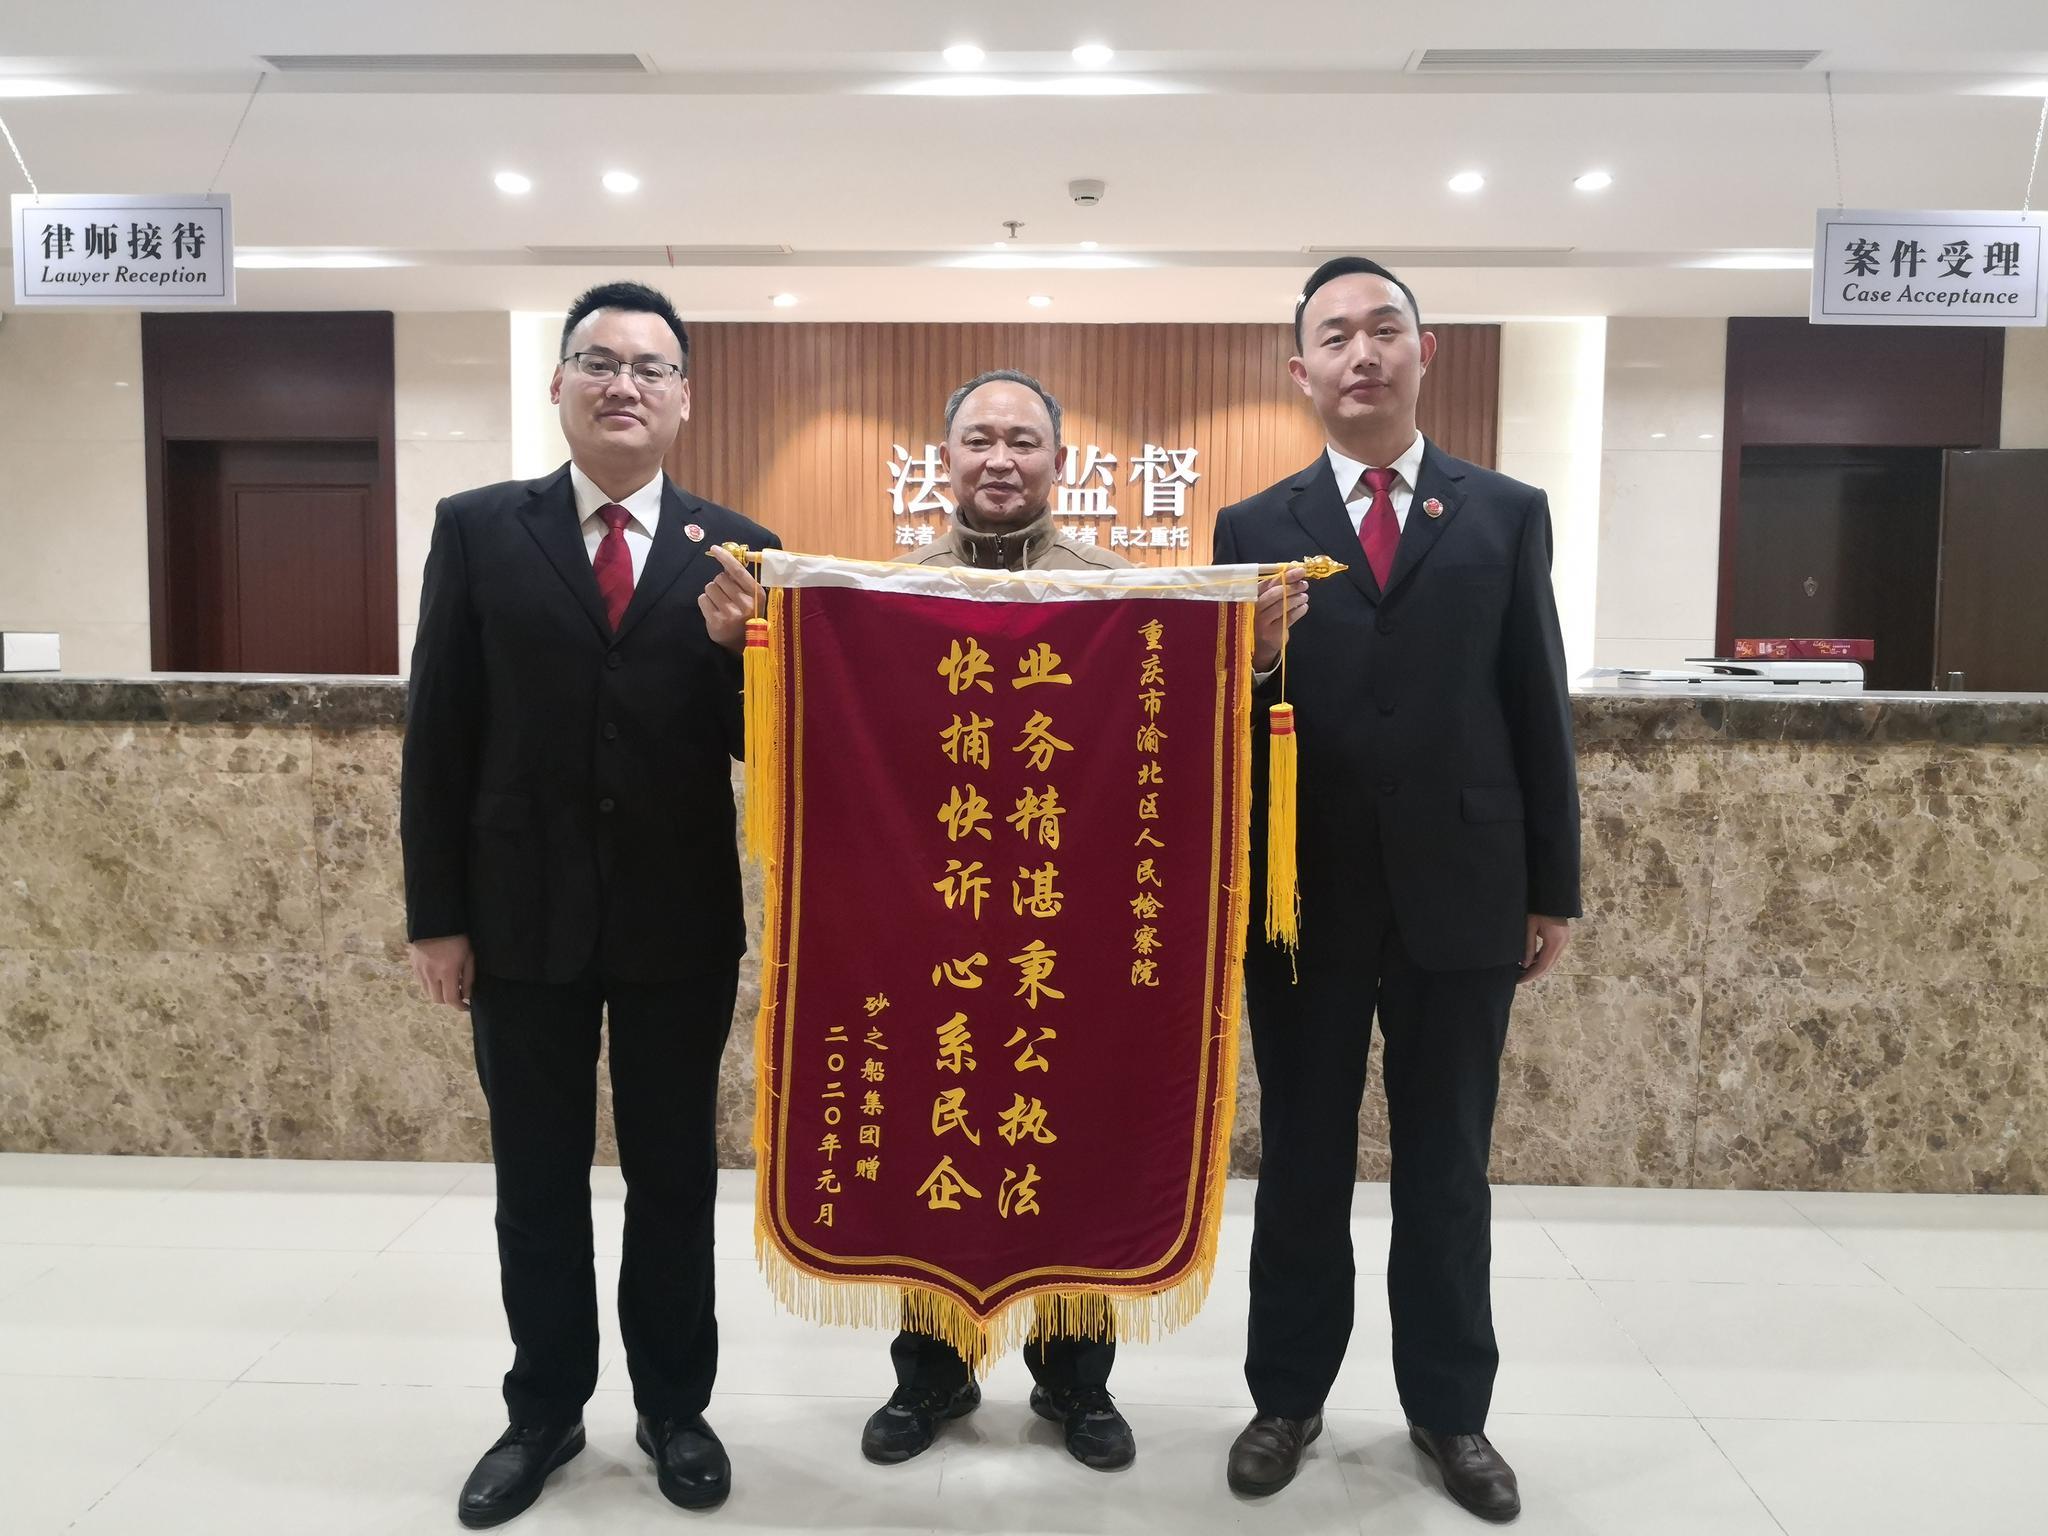 砂之船公司向检察院赠送锦旗。 渝北区人民检察院供图